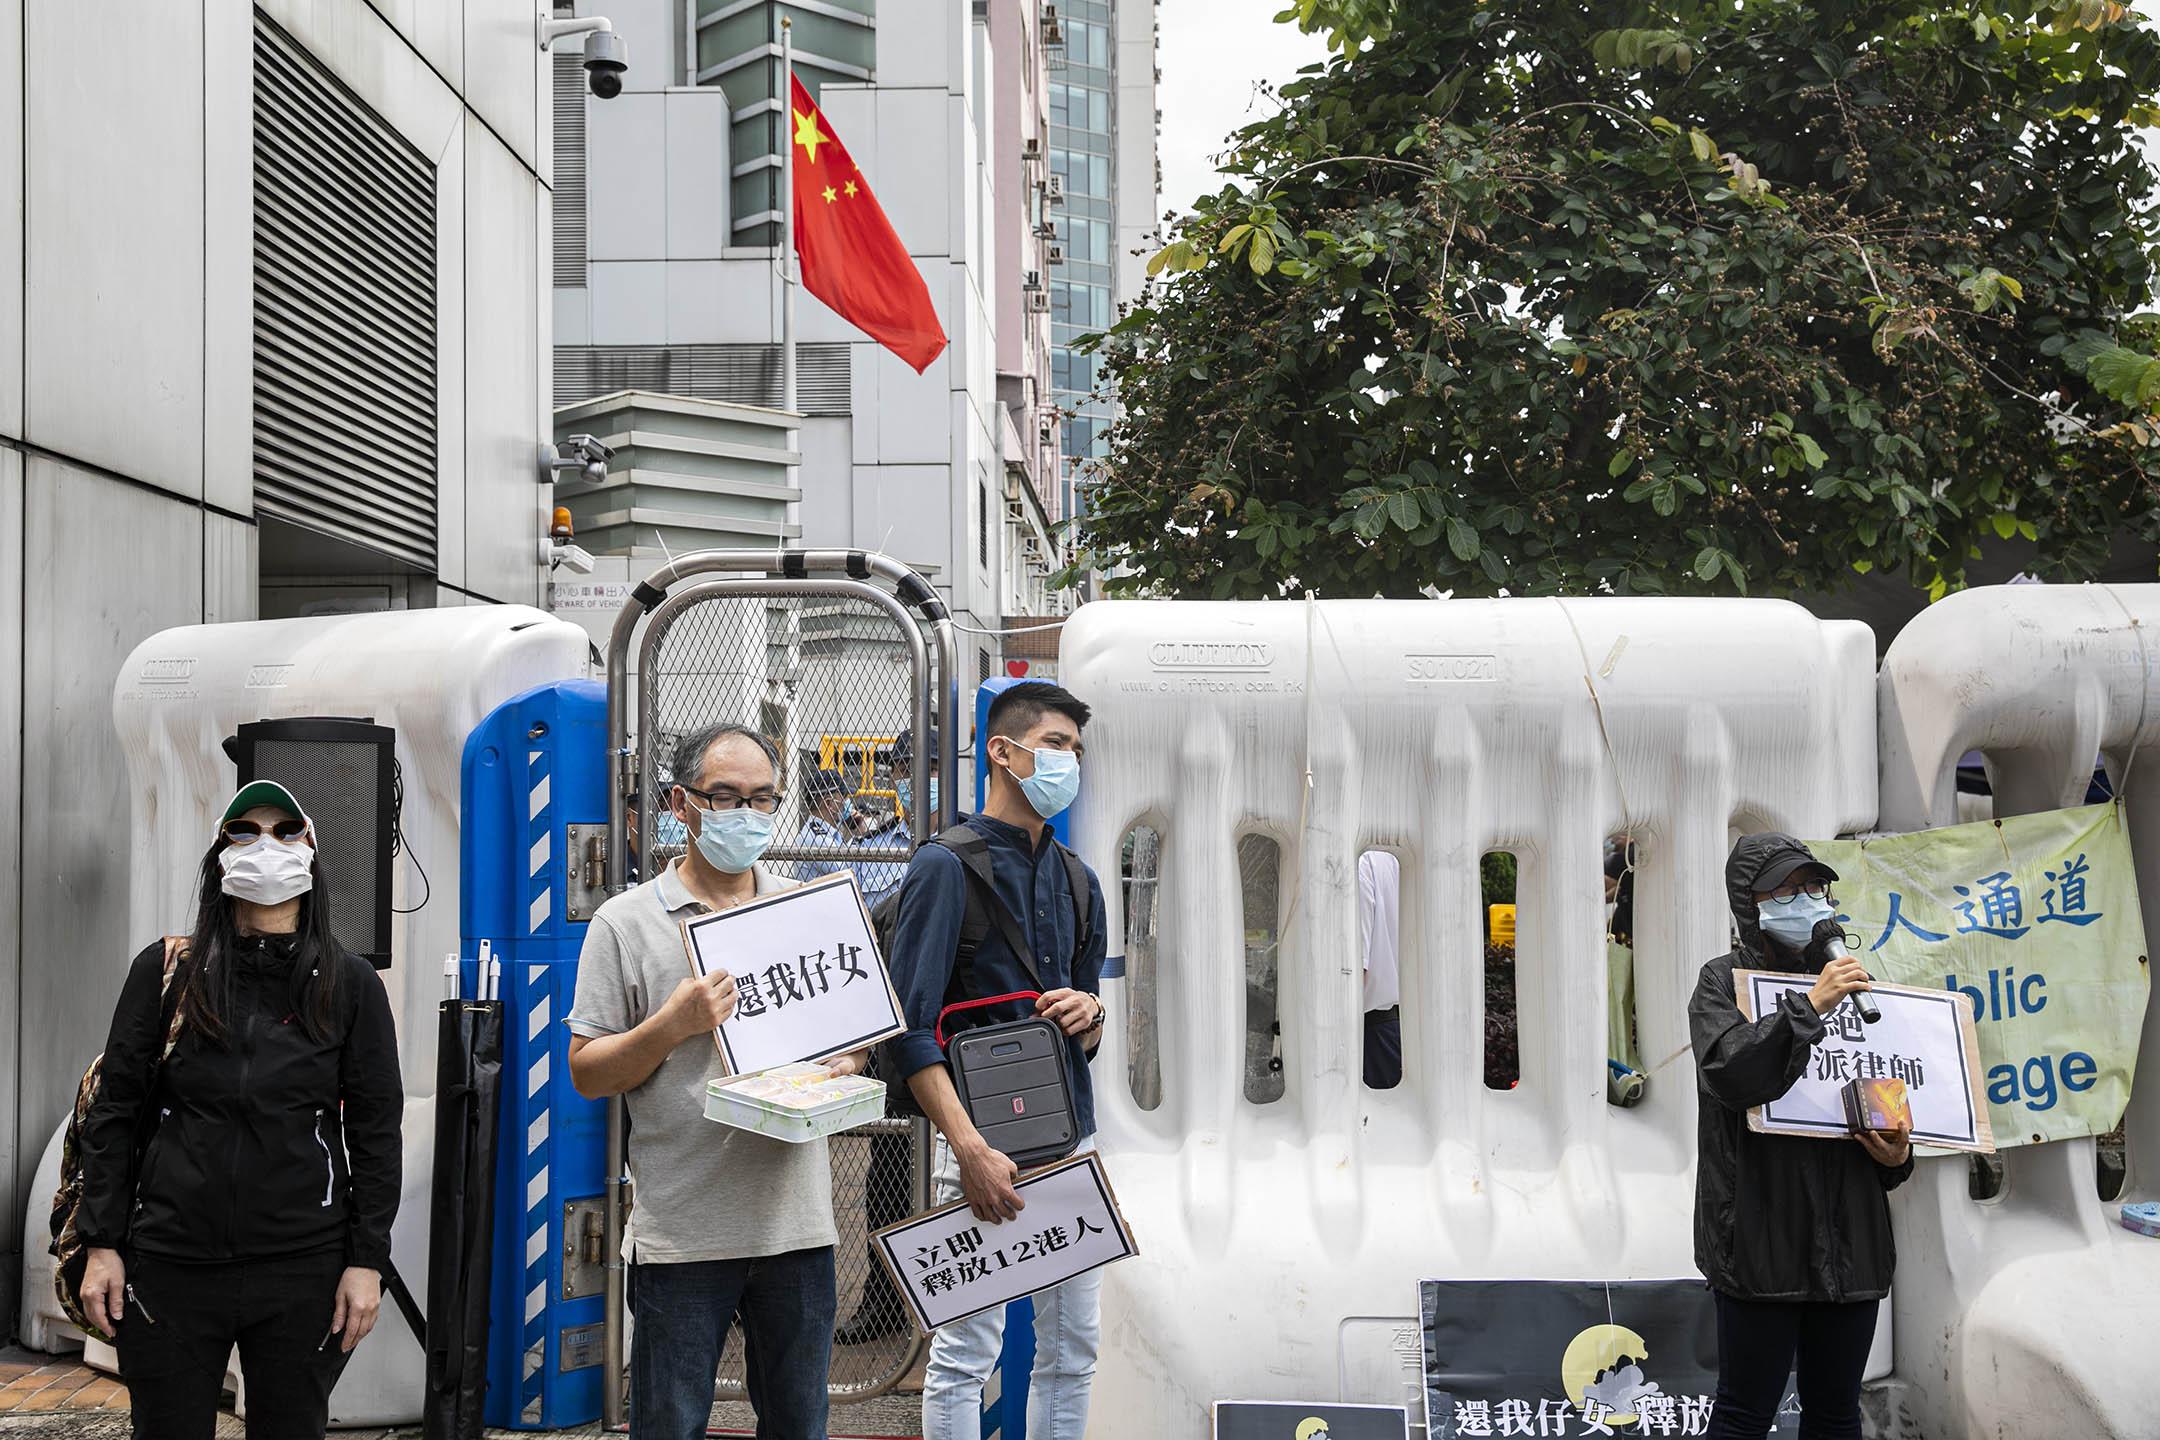 2020年9月30日,深圳檢方宣布批捕12港人,部分家屬在中聯辦門外舉牌抗議。 攝:陳焯煇/端傳媒